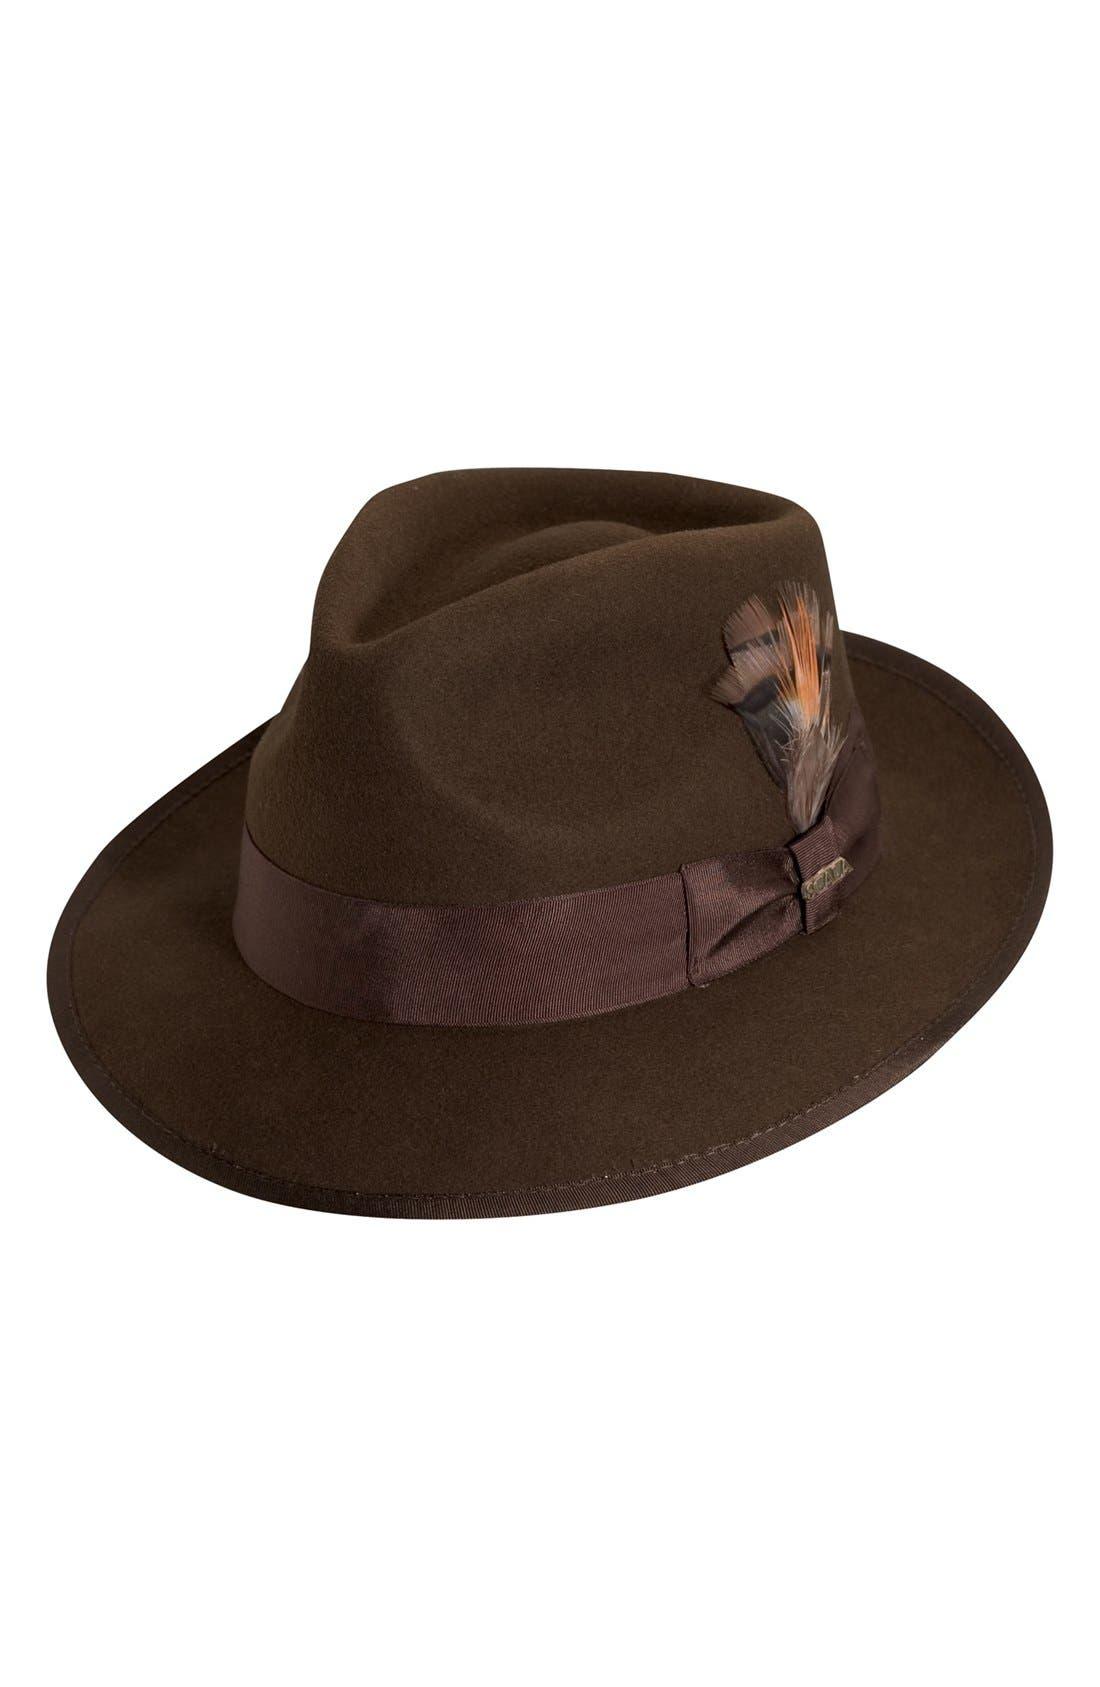 Scala 'Classico' Wool Felt Snap Brim Hat